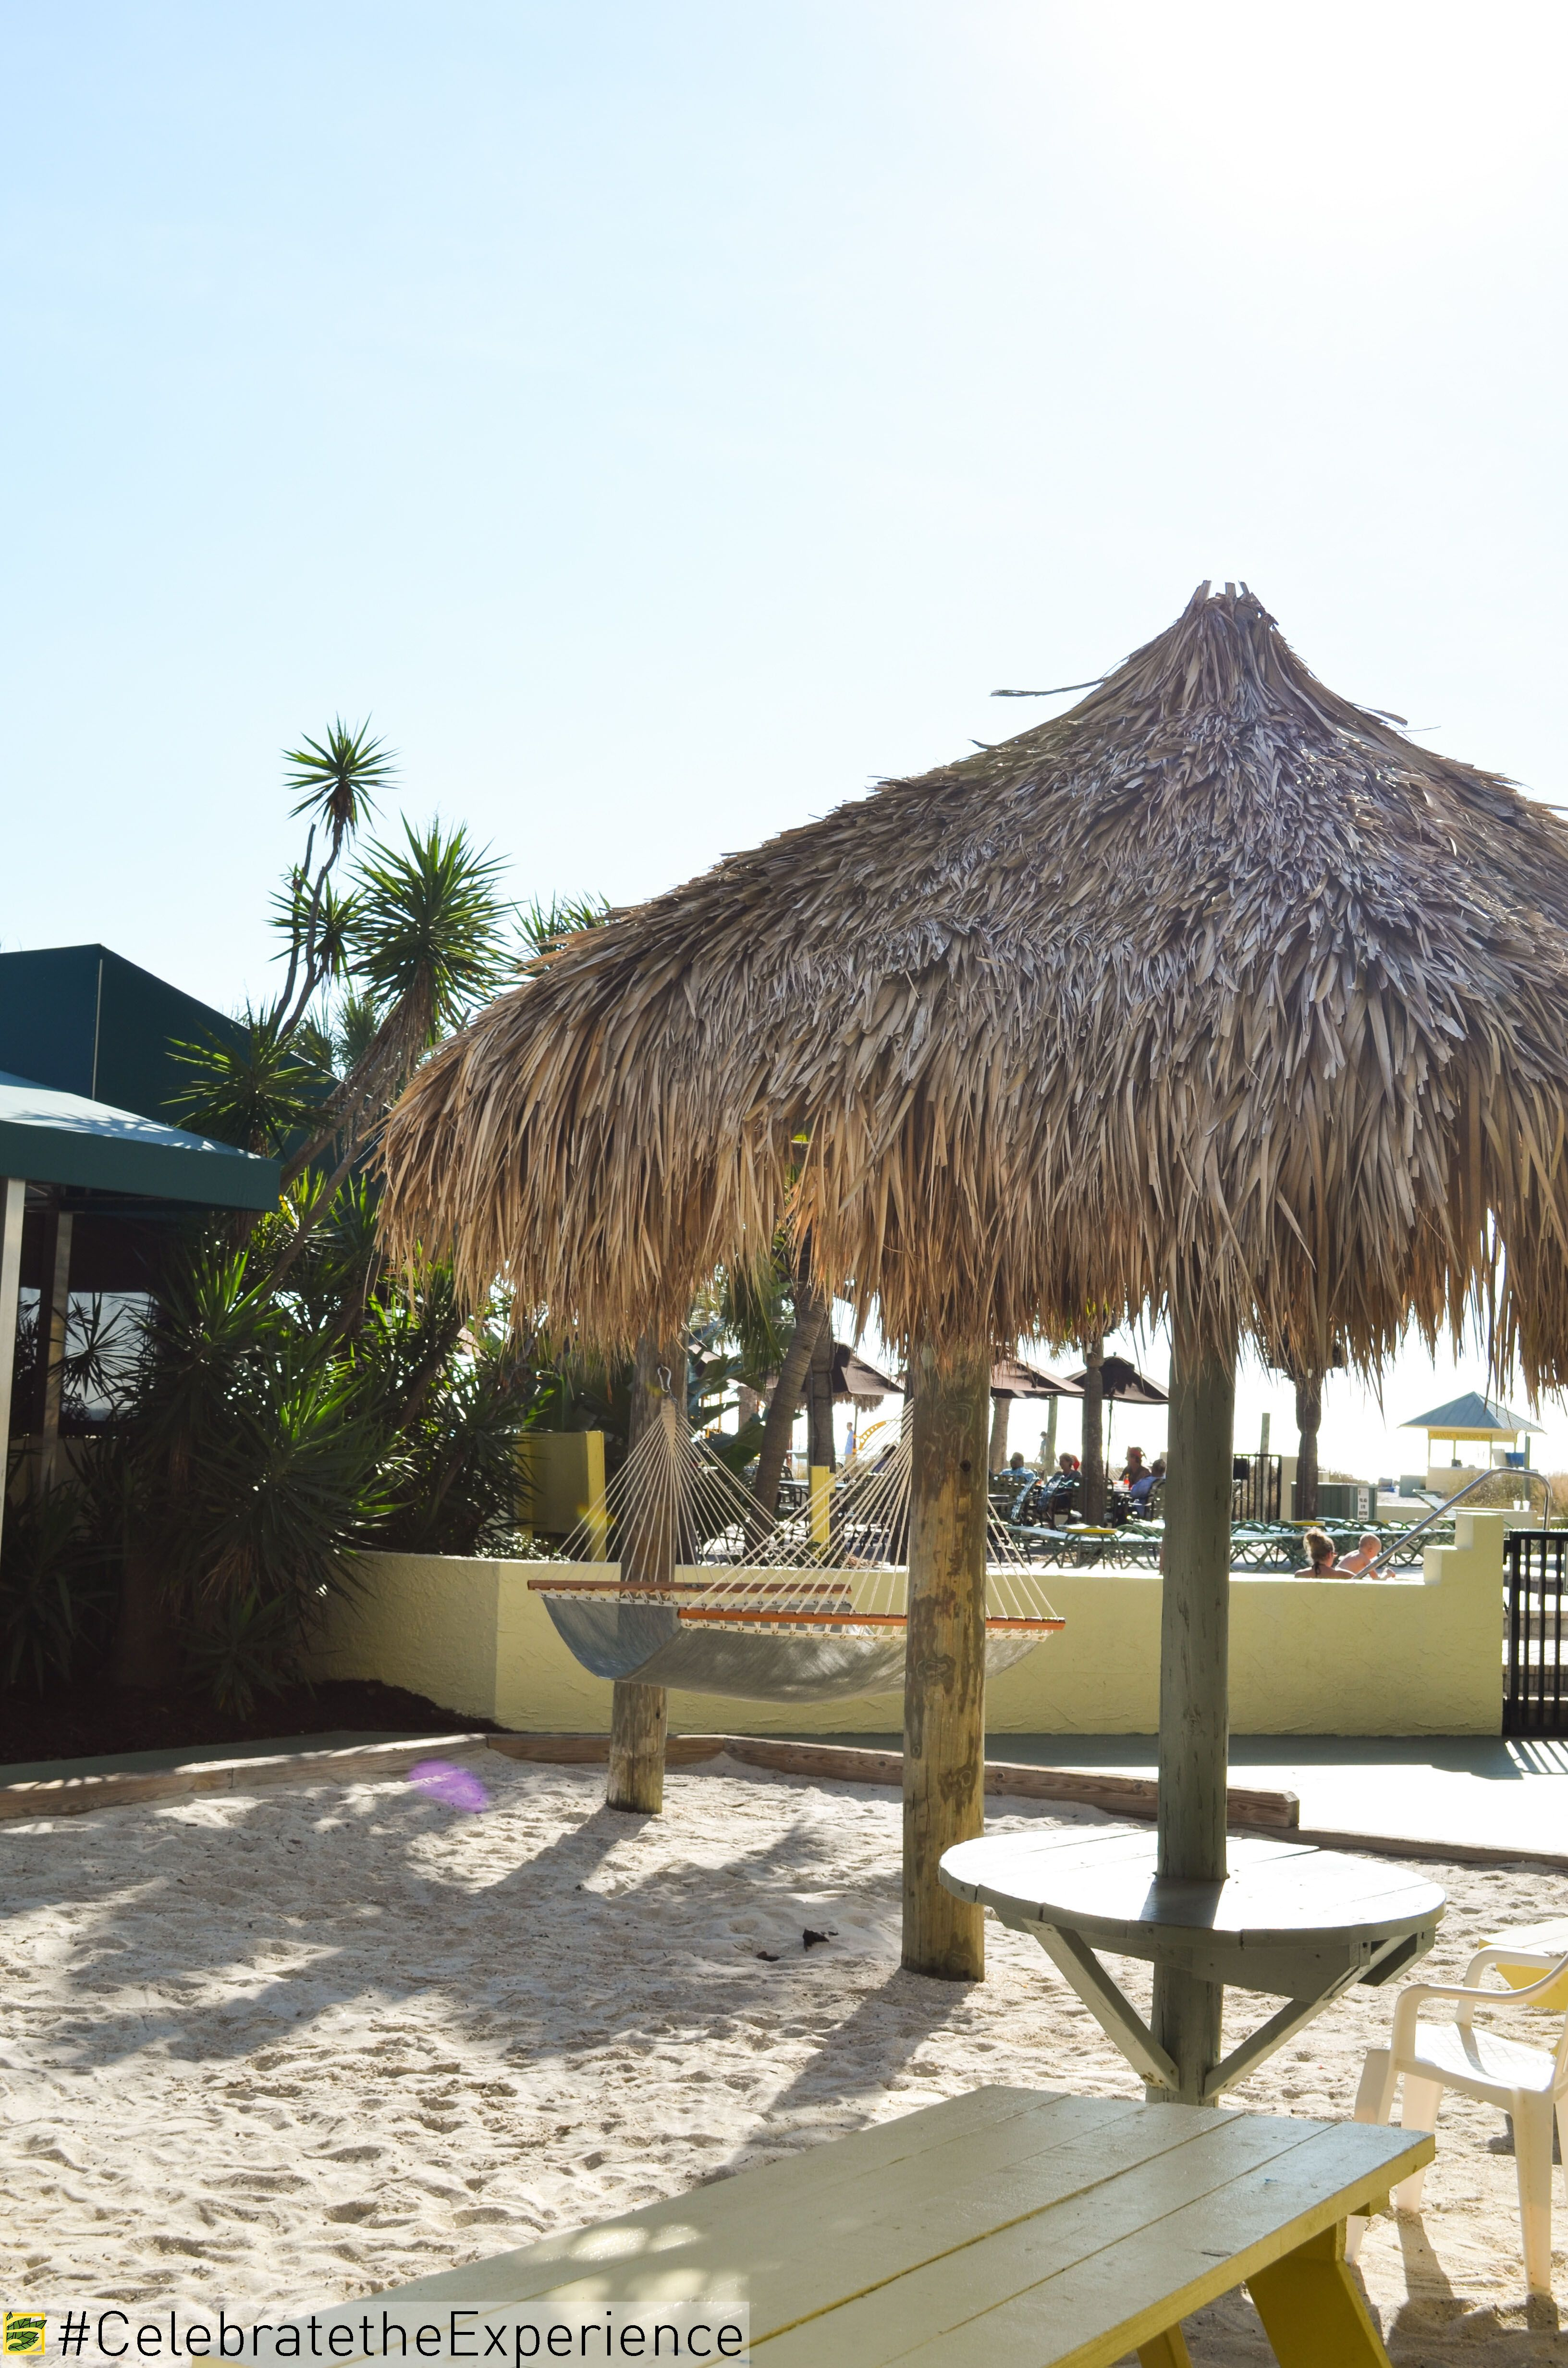 Tiki Huts In The Sand Sirata Beach Resort Fun Sun Warm Vacation Tropical Bench Hammock Pool Bar Florida Summer Family